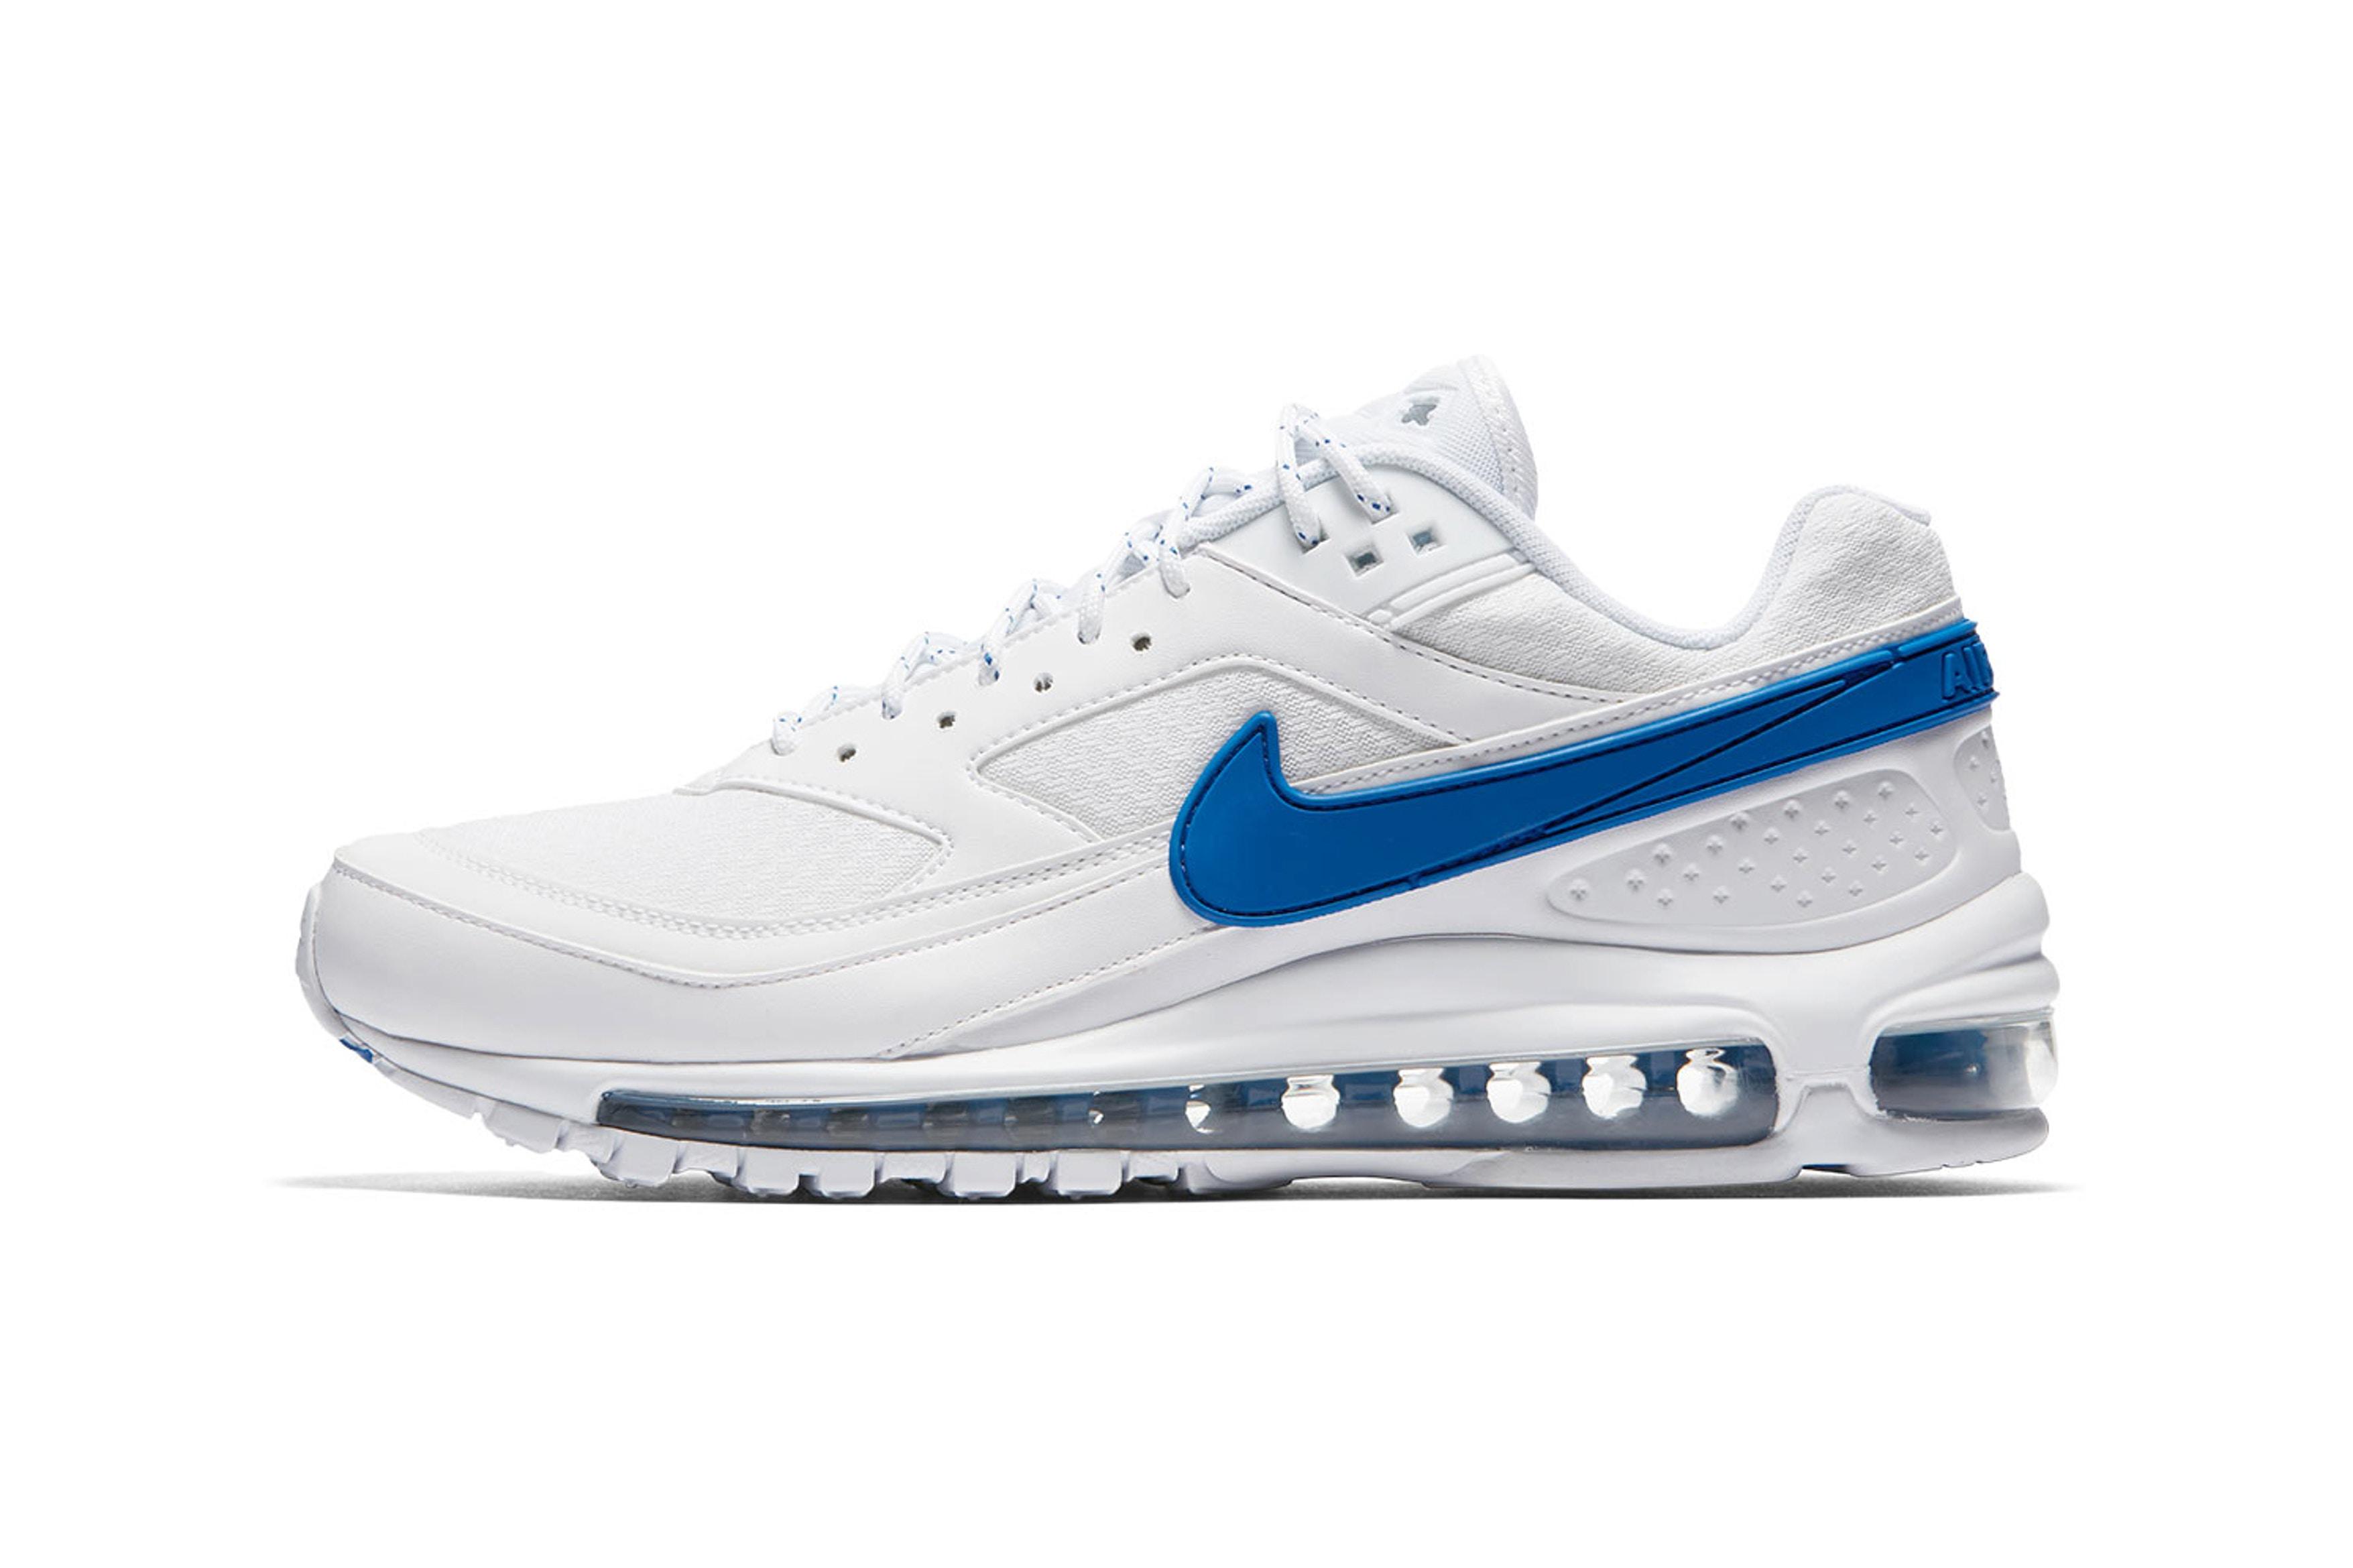 size 40 f4530 4f467 Selbstverständlich werden im Laufe der nächsten Tage noch einige weitere  Stores hinzukommen, bei denen ihr den Nike Air Max 97 BW Skepta auch noch  kaufen ...